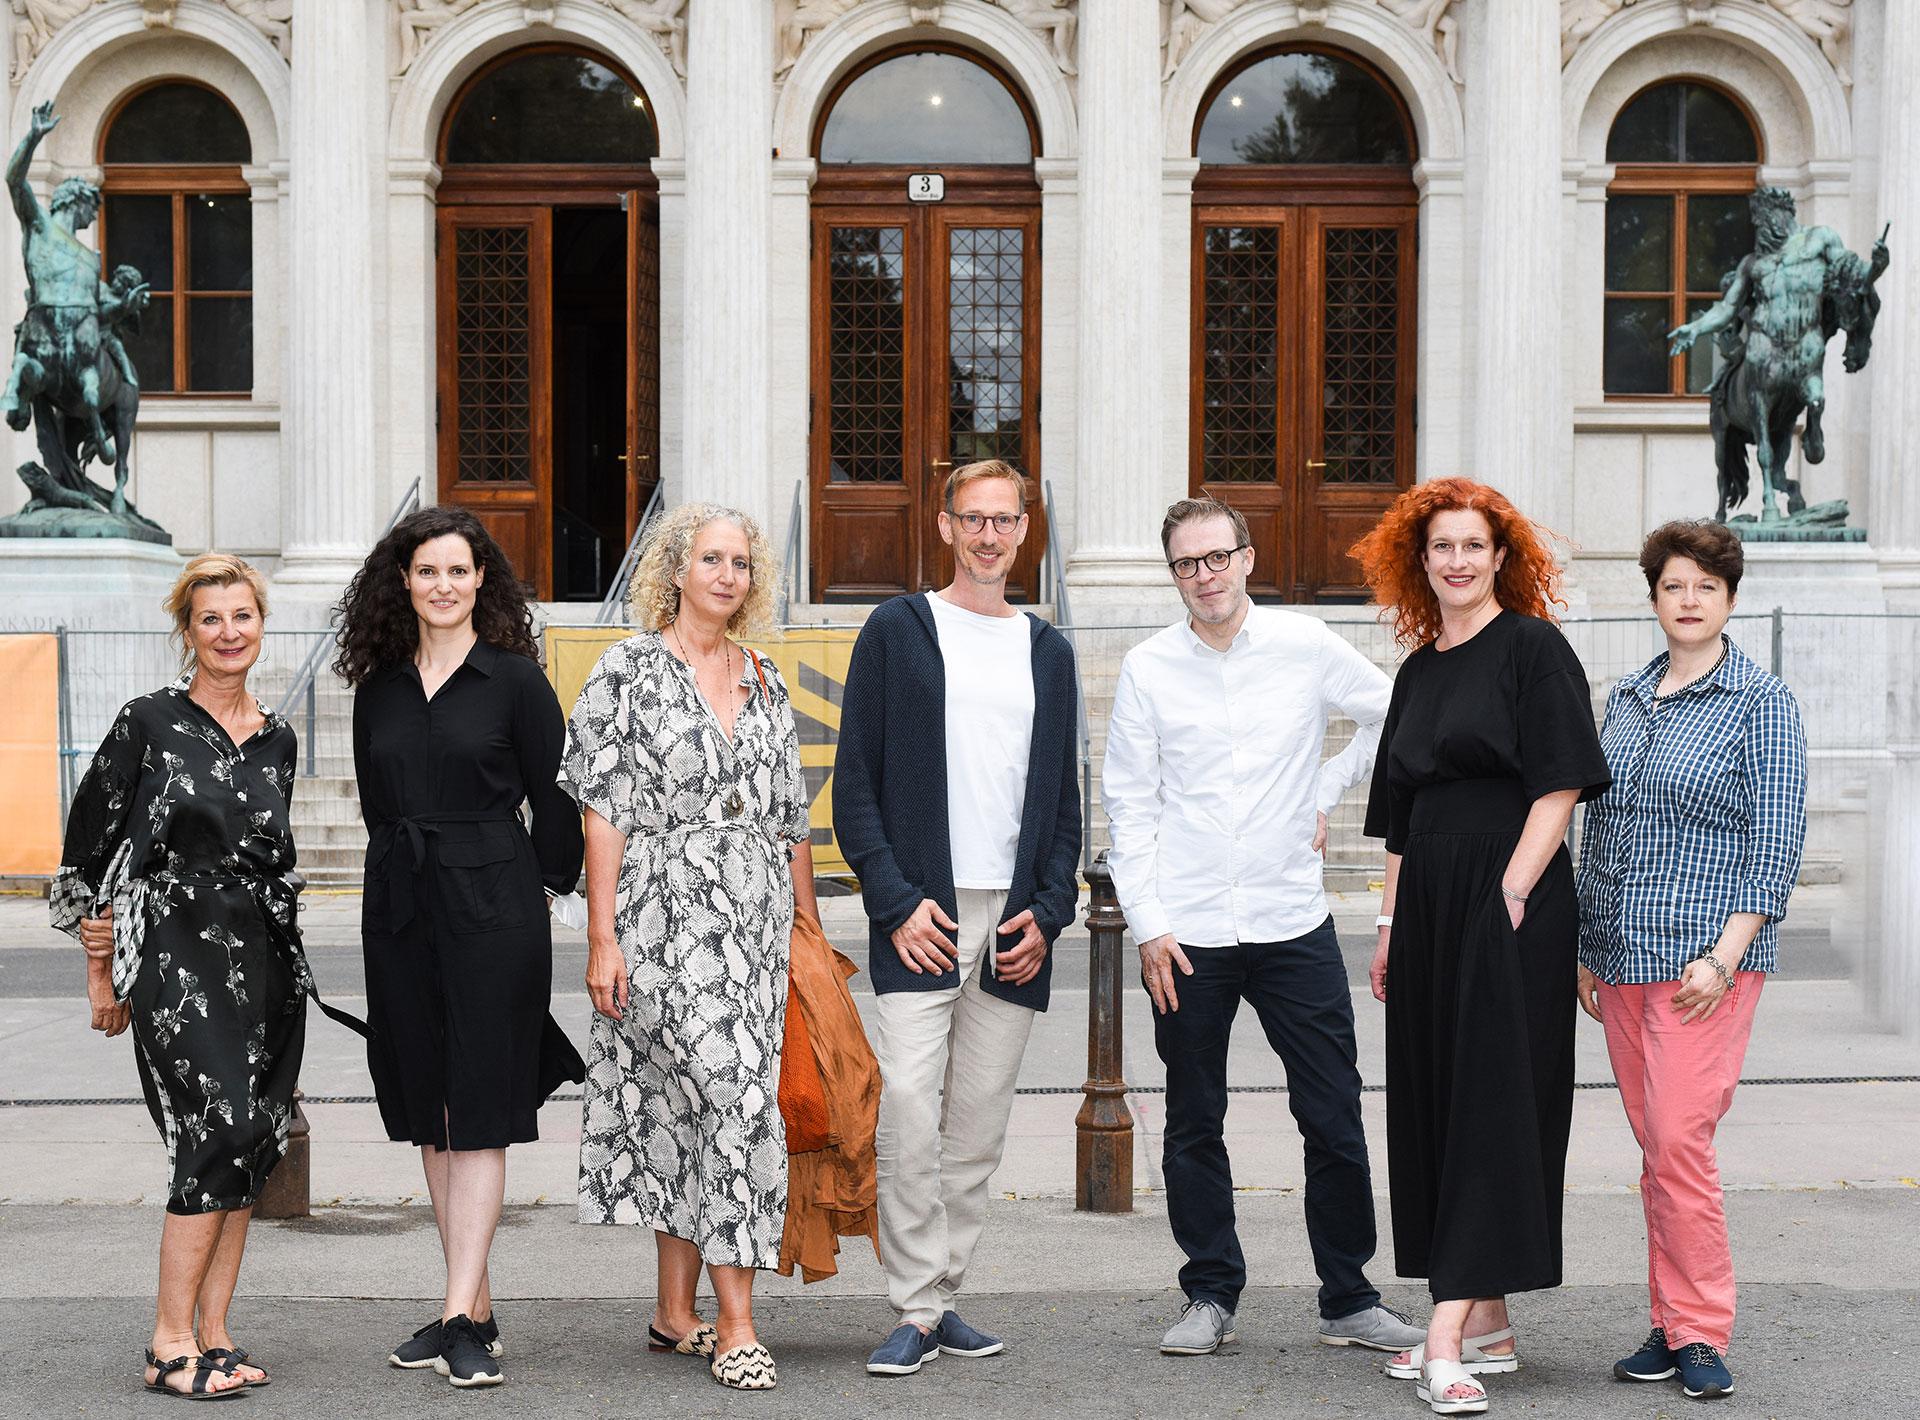 Akademie Onlineauktion 2021: DANKE für unglaubliche 110.000 €